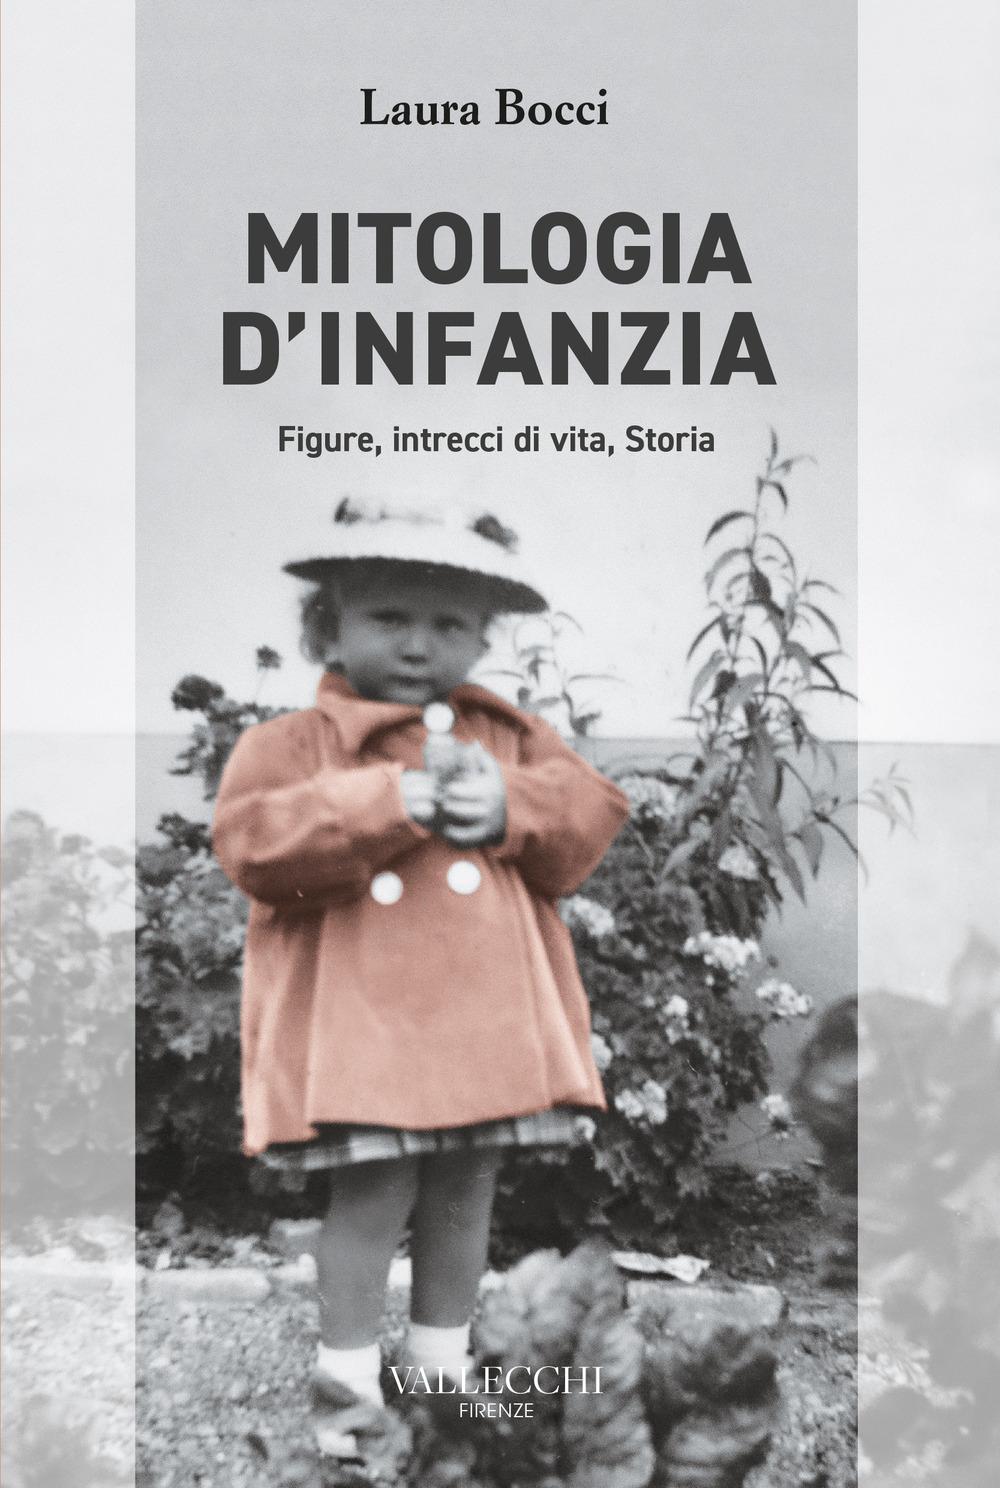 MITOLOGIA D'INFANZIA – Intrecci di vita familiare e Storia